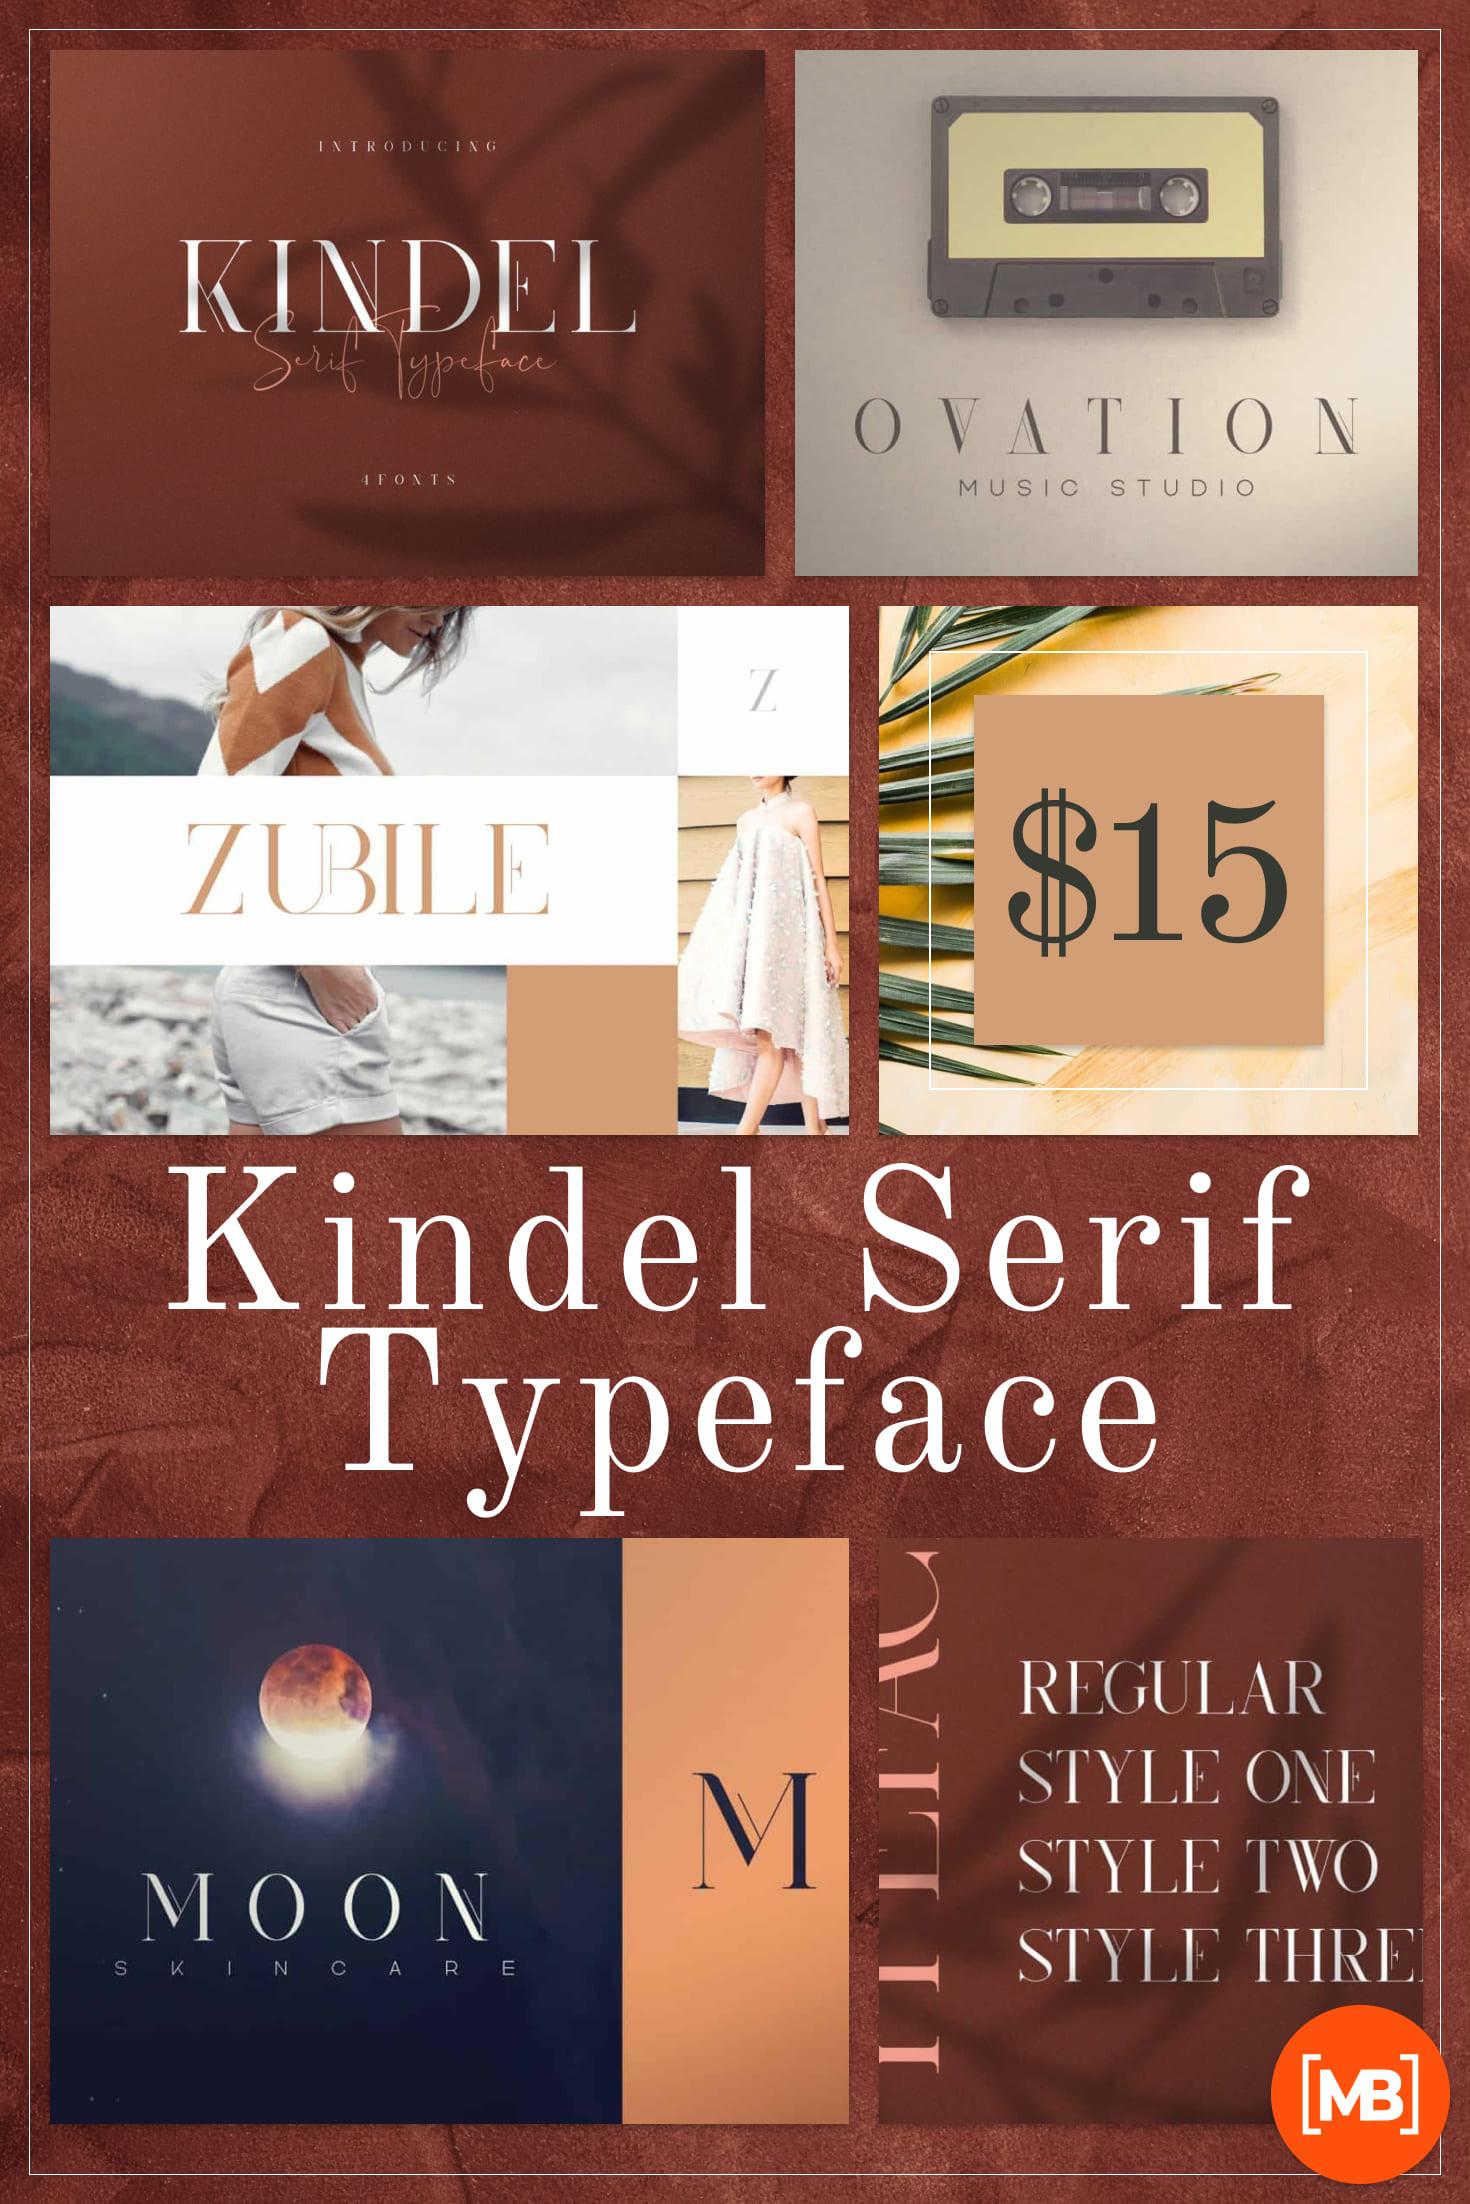 Pinterest Image: Kindel - Serif Typeface 4 Styles.